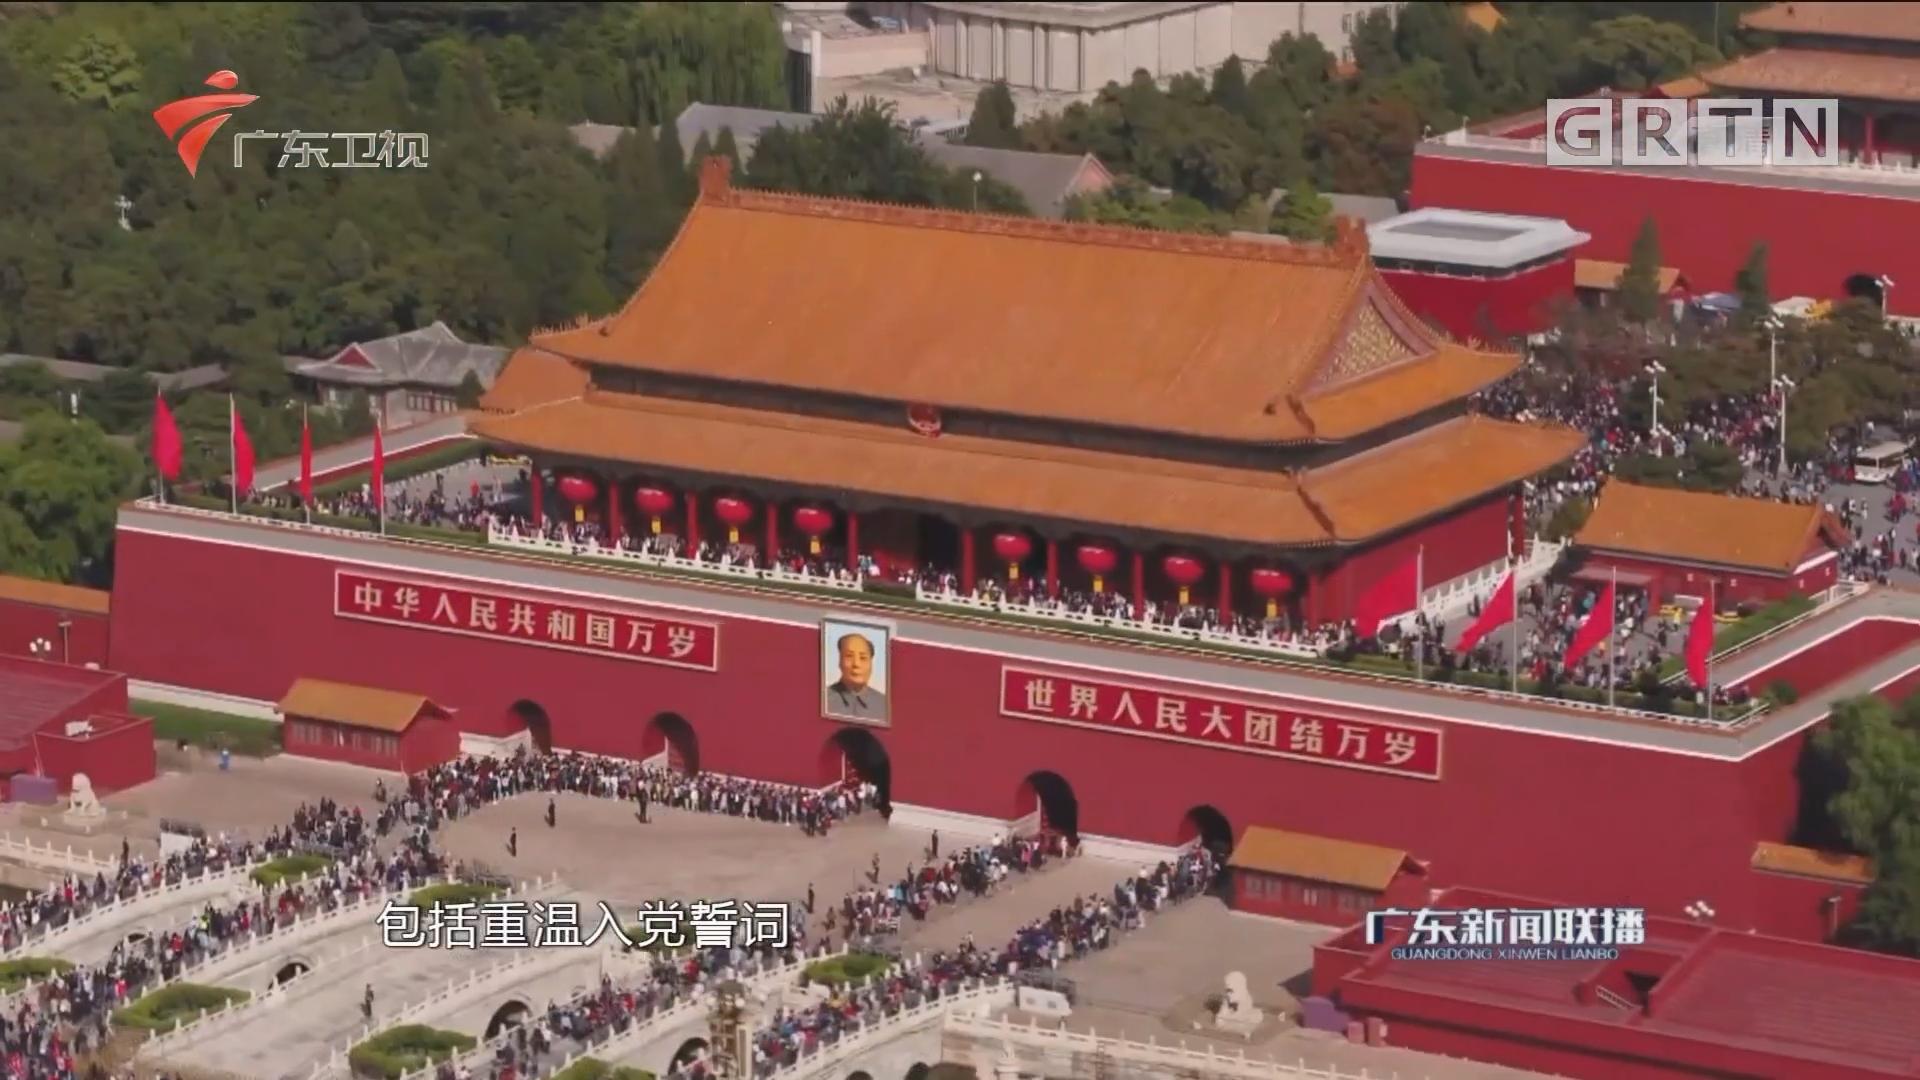 习近平总书记带领中央政治局常委瞻仰中共一大会址引起强烈反响